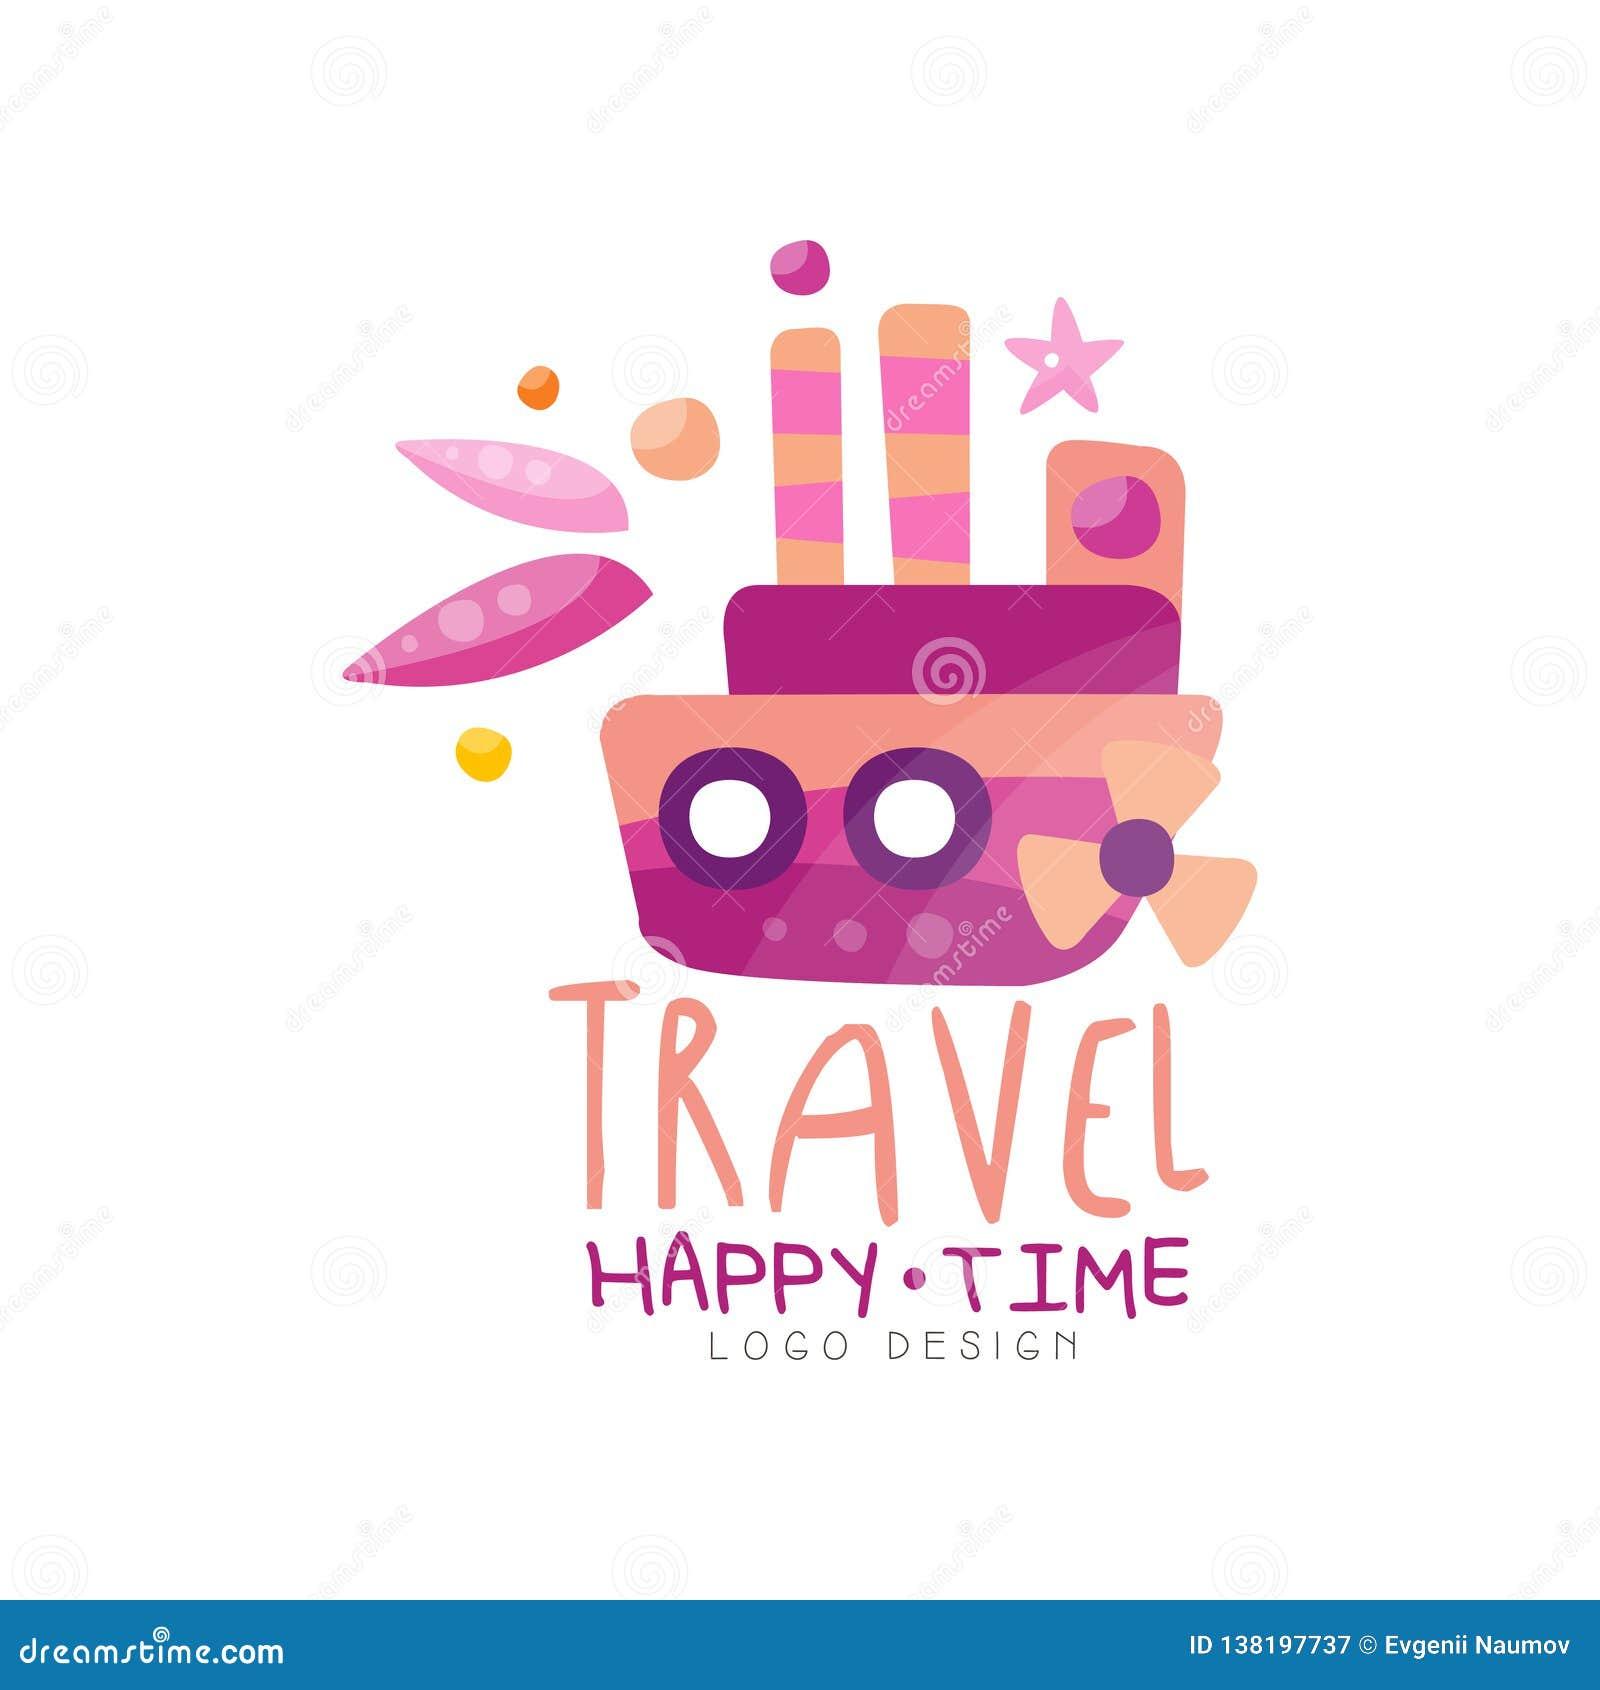 Приключение, счастливый дизайн логотипа времени, летние каникулы, перемещение, круиз, иллюстрация вектора ярлыка туристского аген